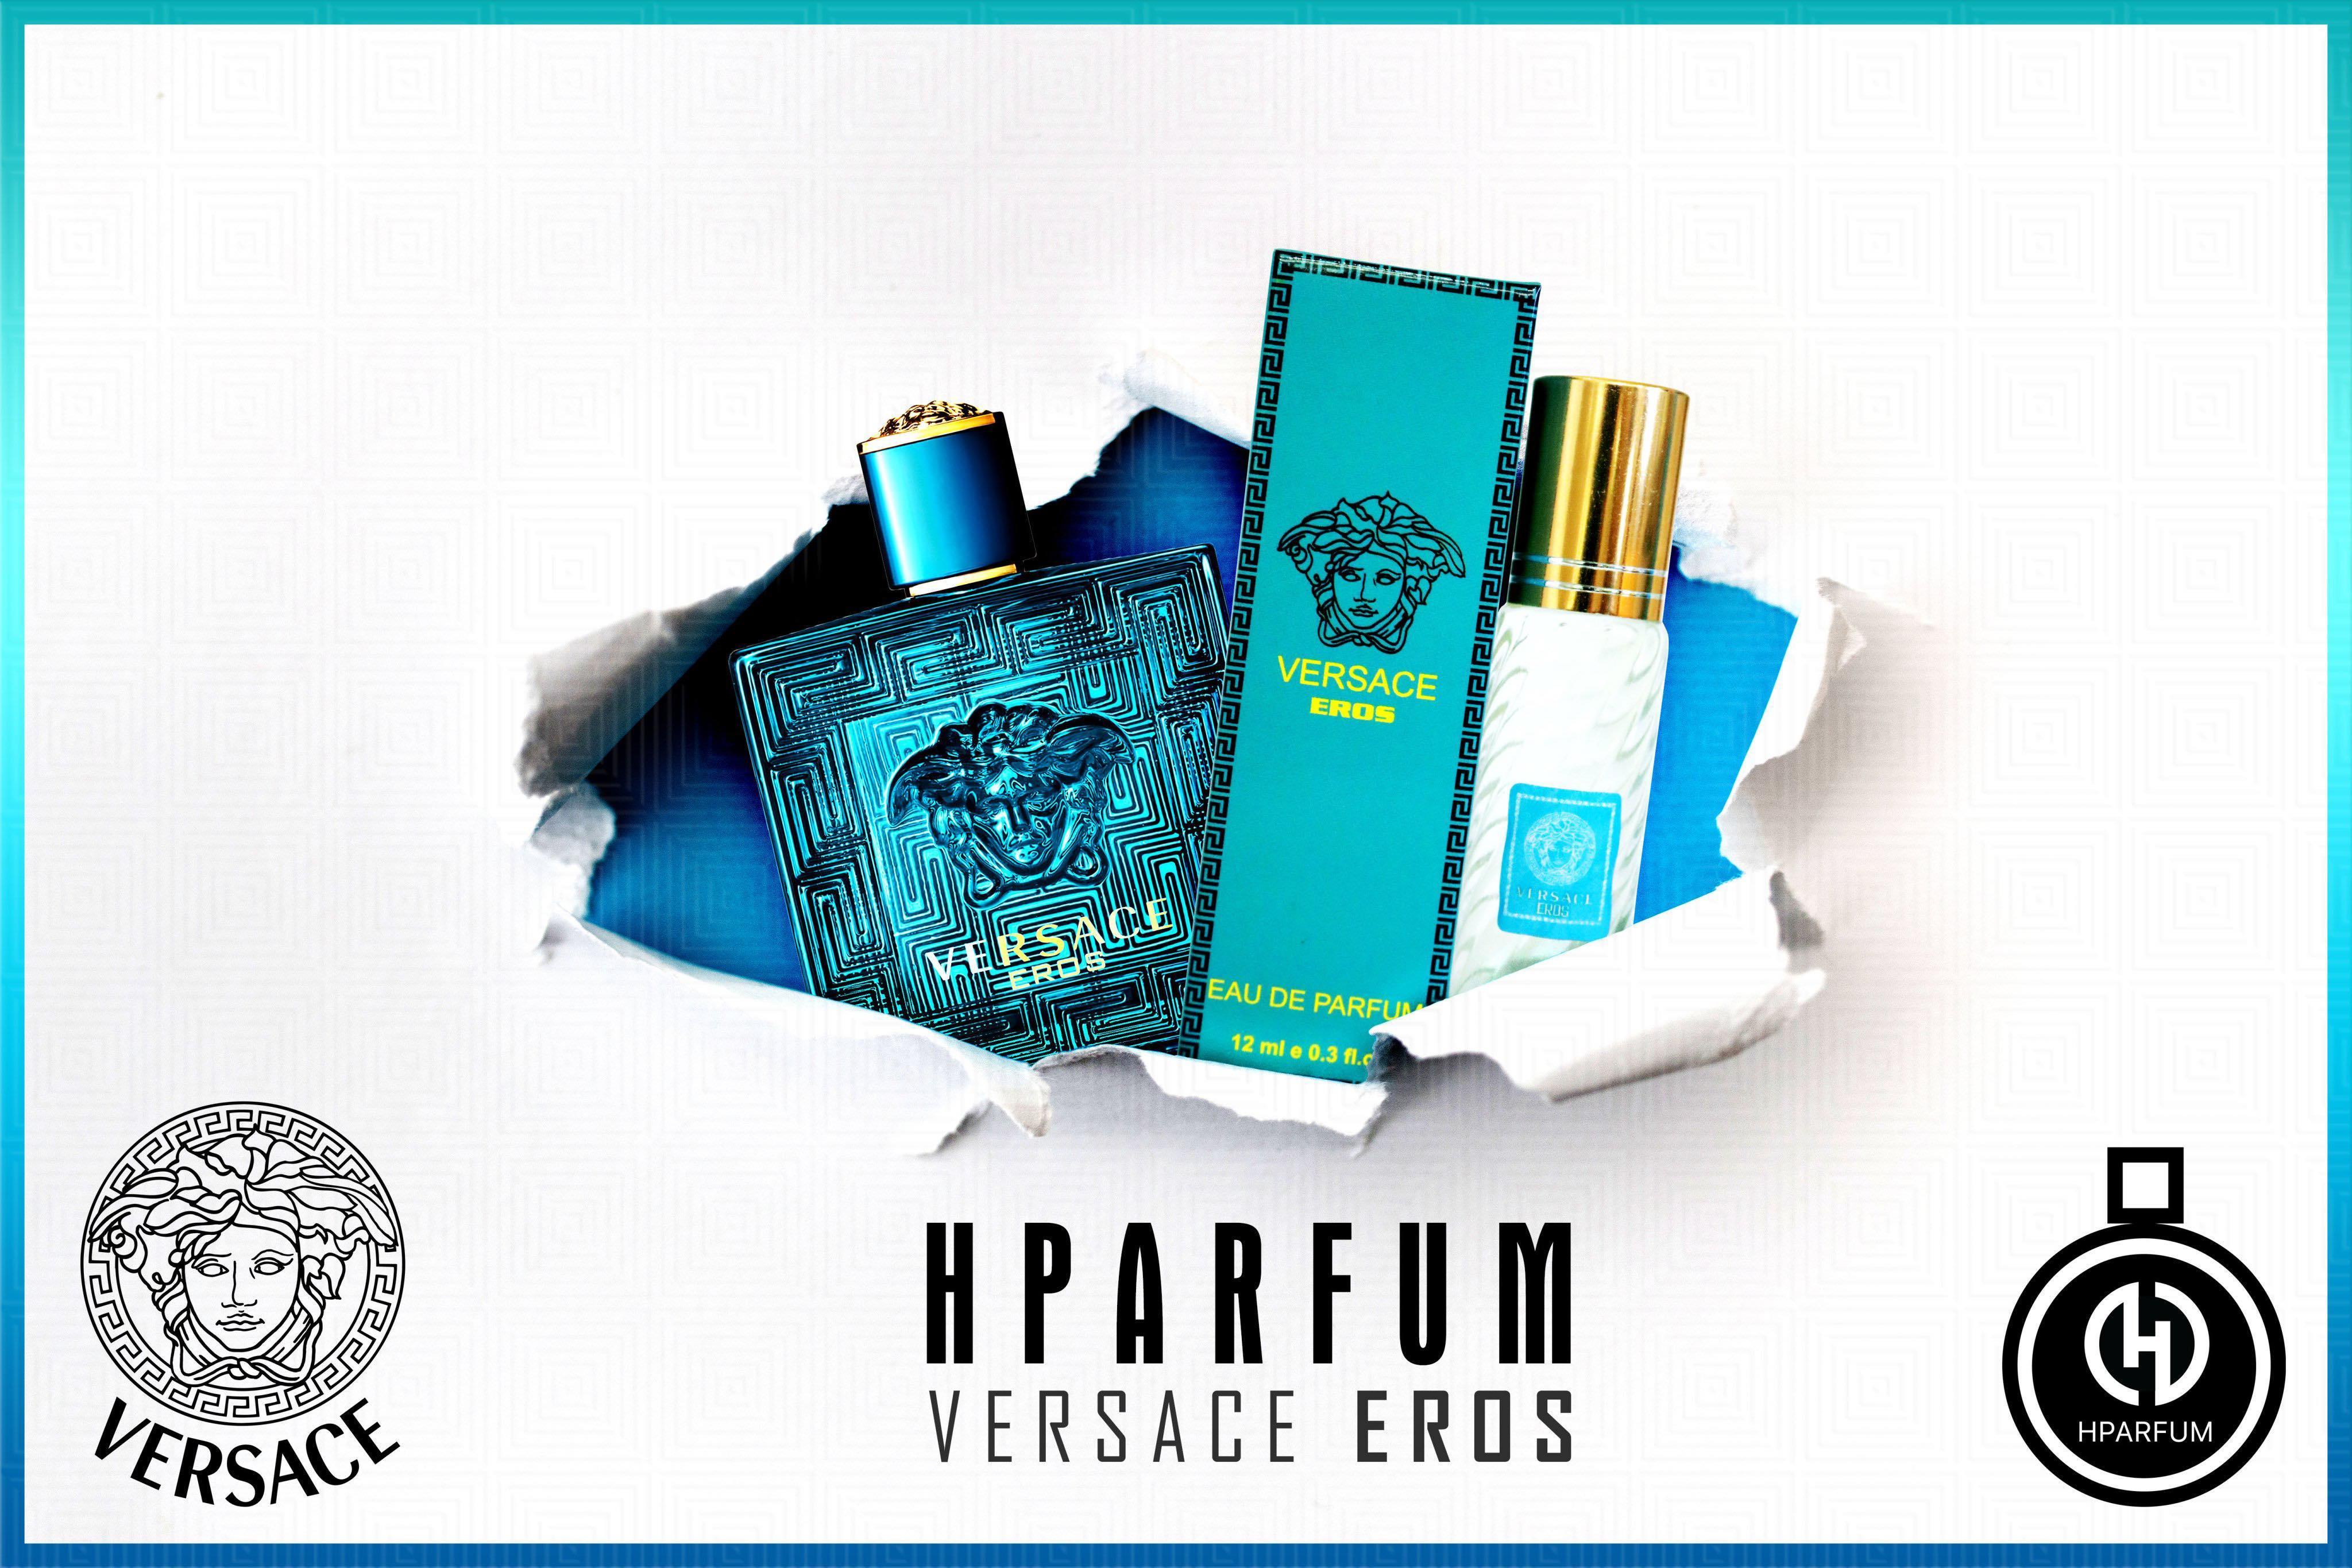 Versace Eros Tinh dầu thơm từ Pháp Hparfum